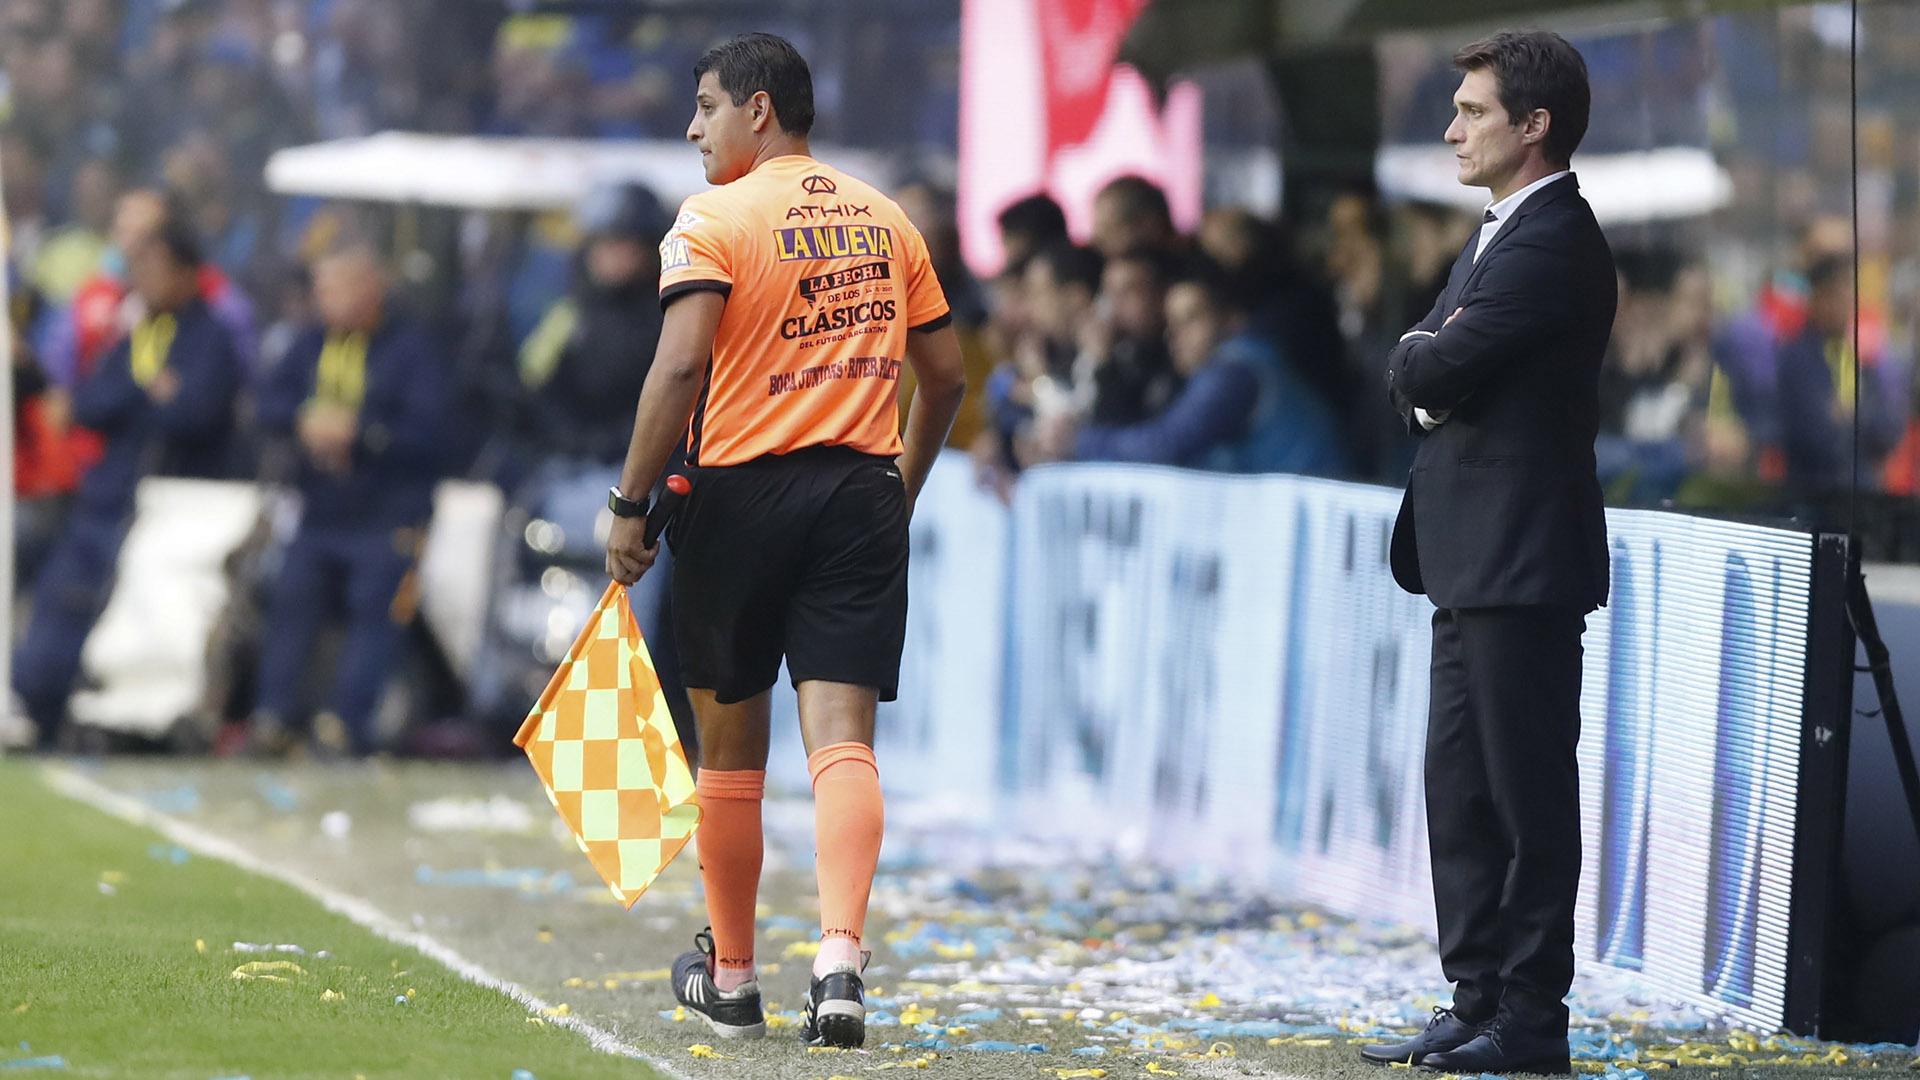 Muy serio, el entrenador de Boca Guillermo Barros Schelotto observa elpartido